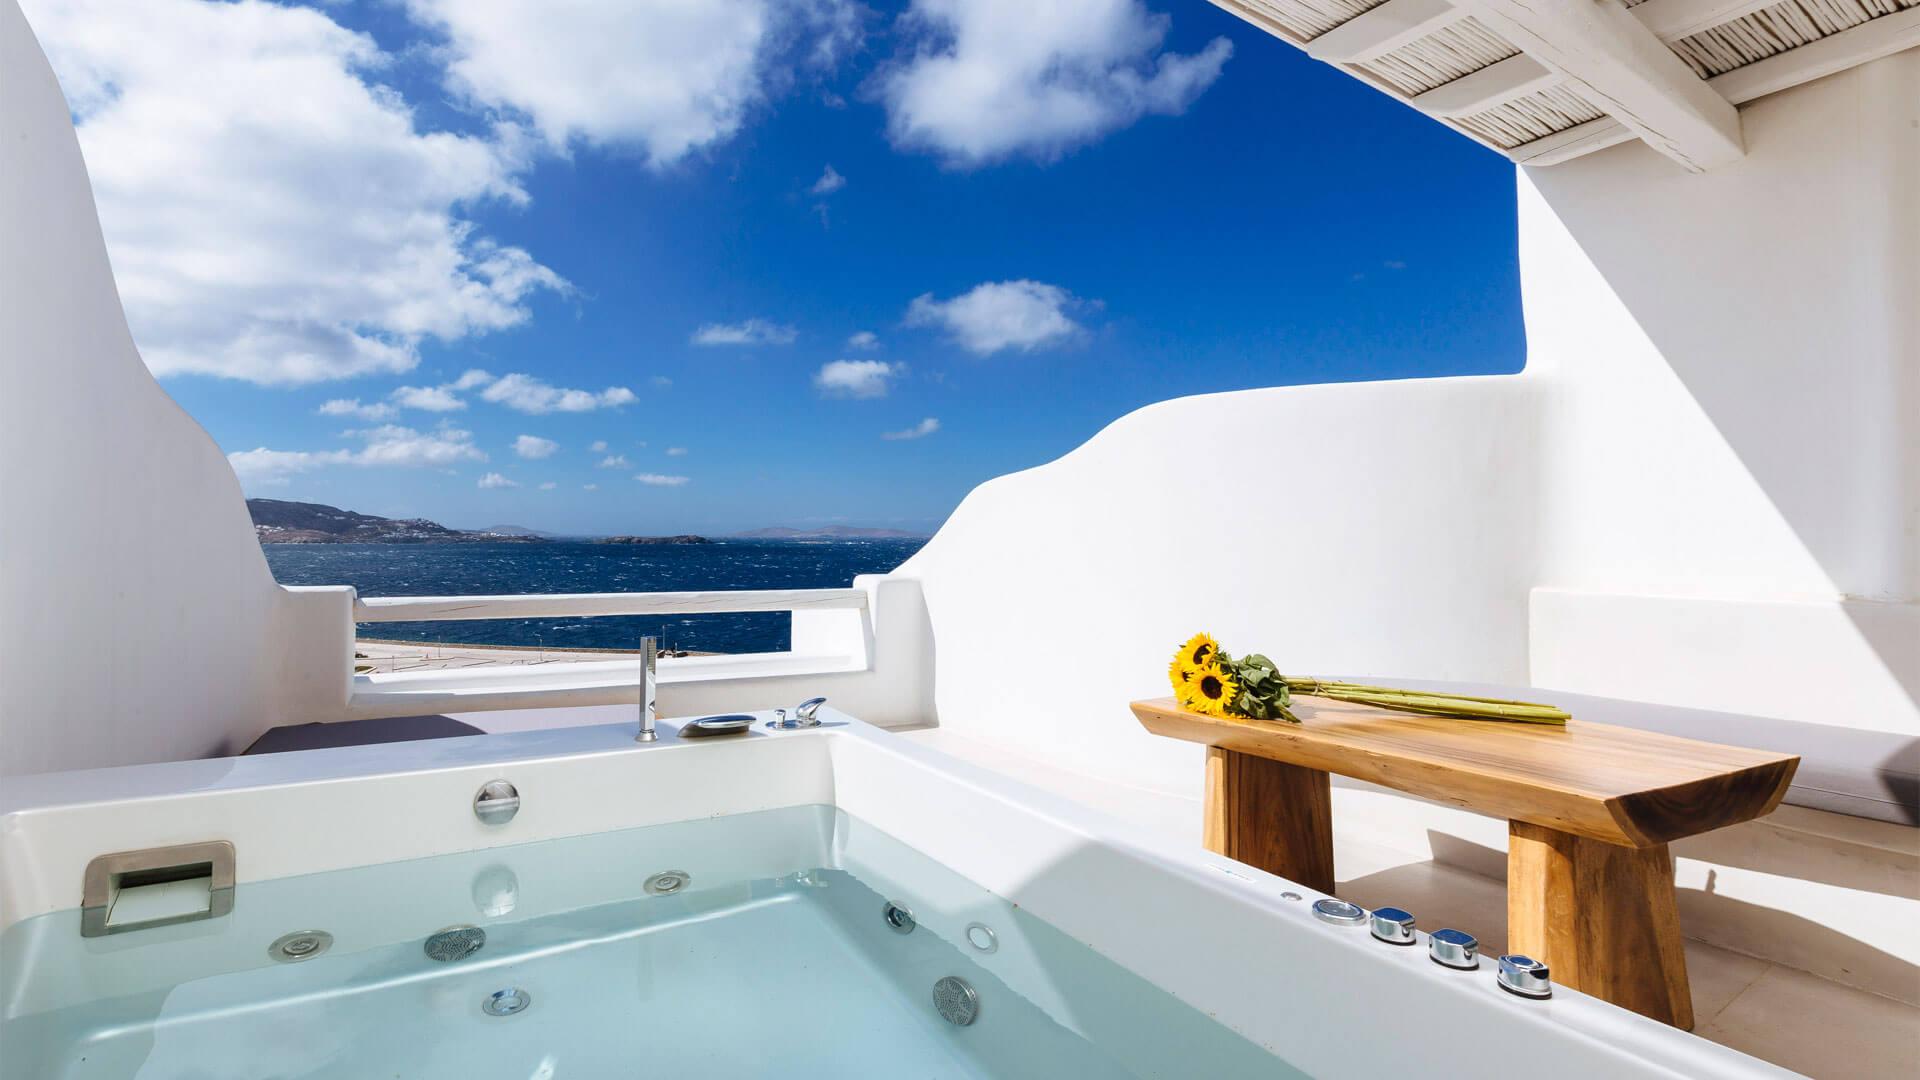 Habitación con jacuzzi exterior y vistas al mar en Mykonos